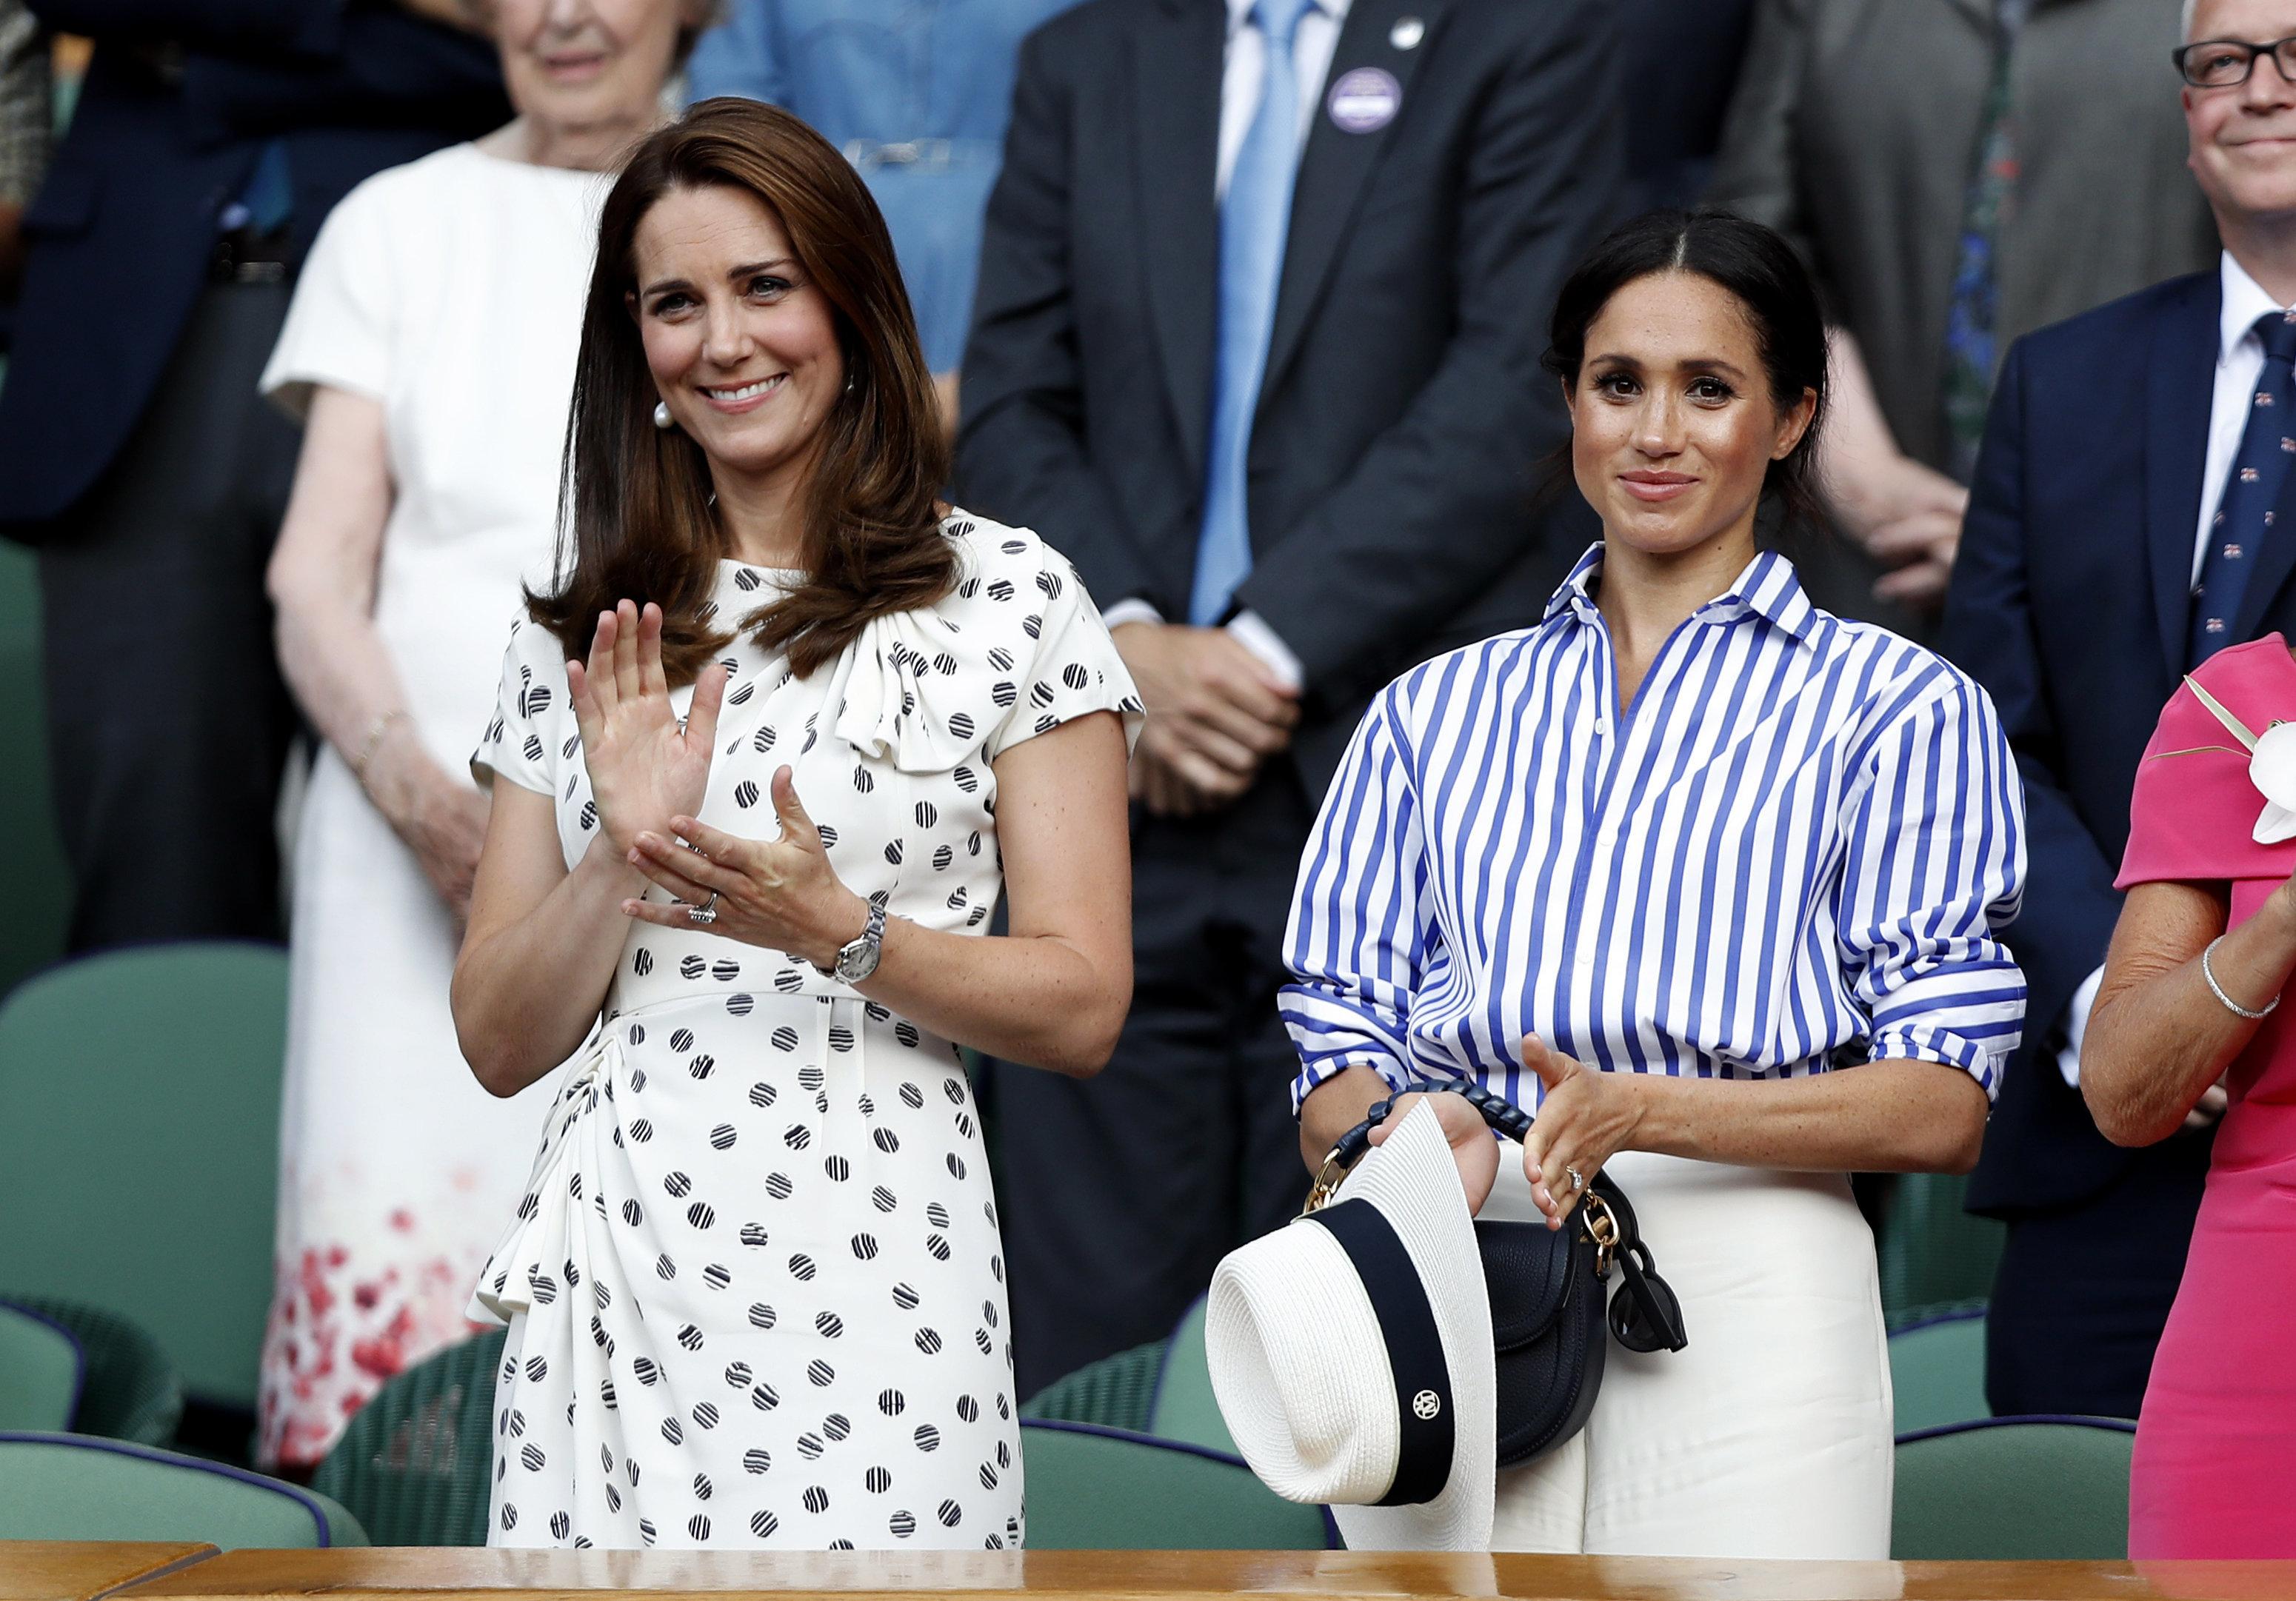 Herzogin Meghan besucht Wimbledon: Kritiker machen sich über ihr Outfit